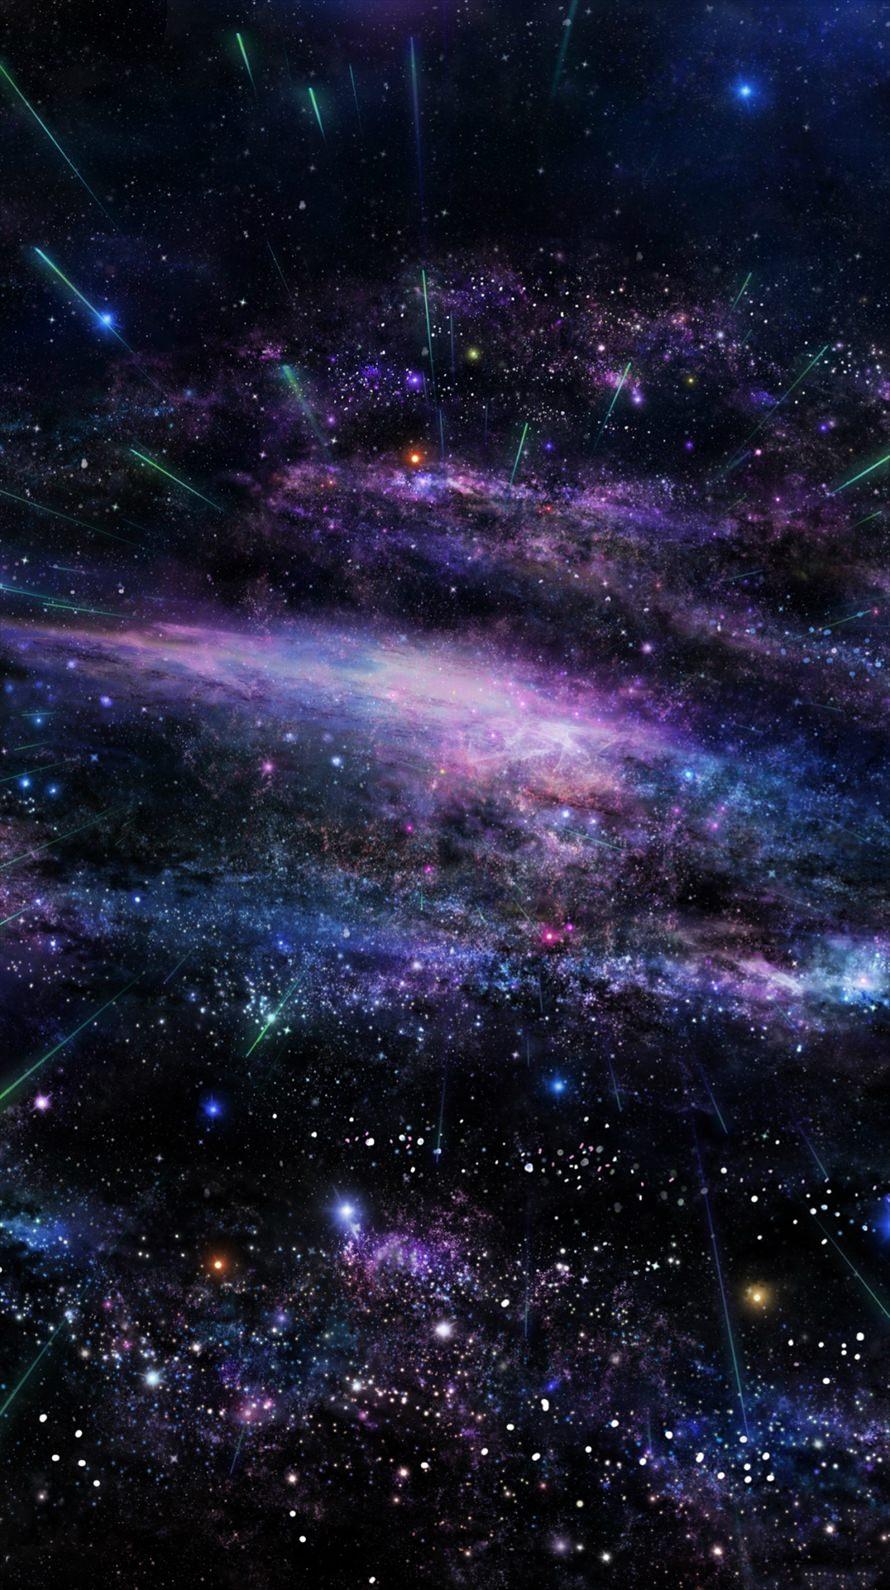 宇宙 ギャラクシー iPhone6壁紙